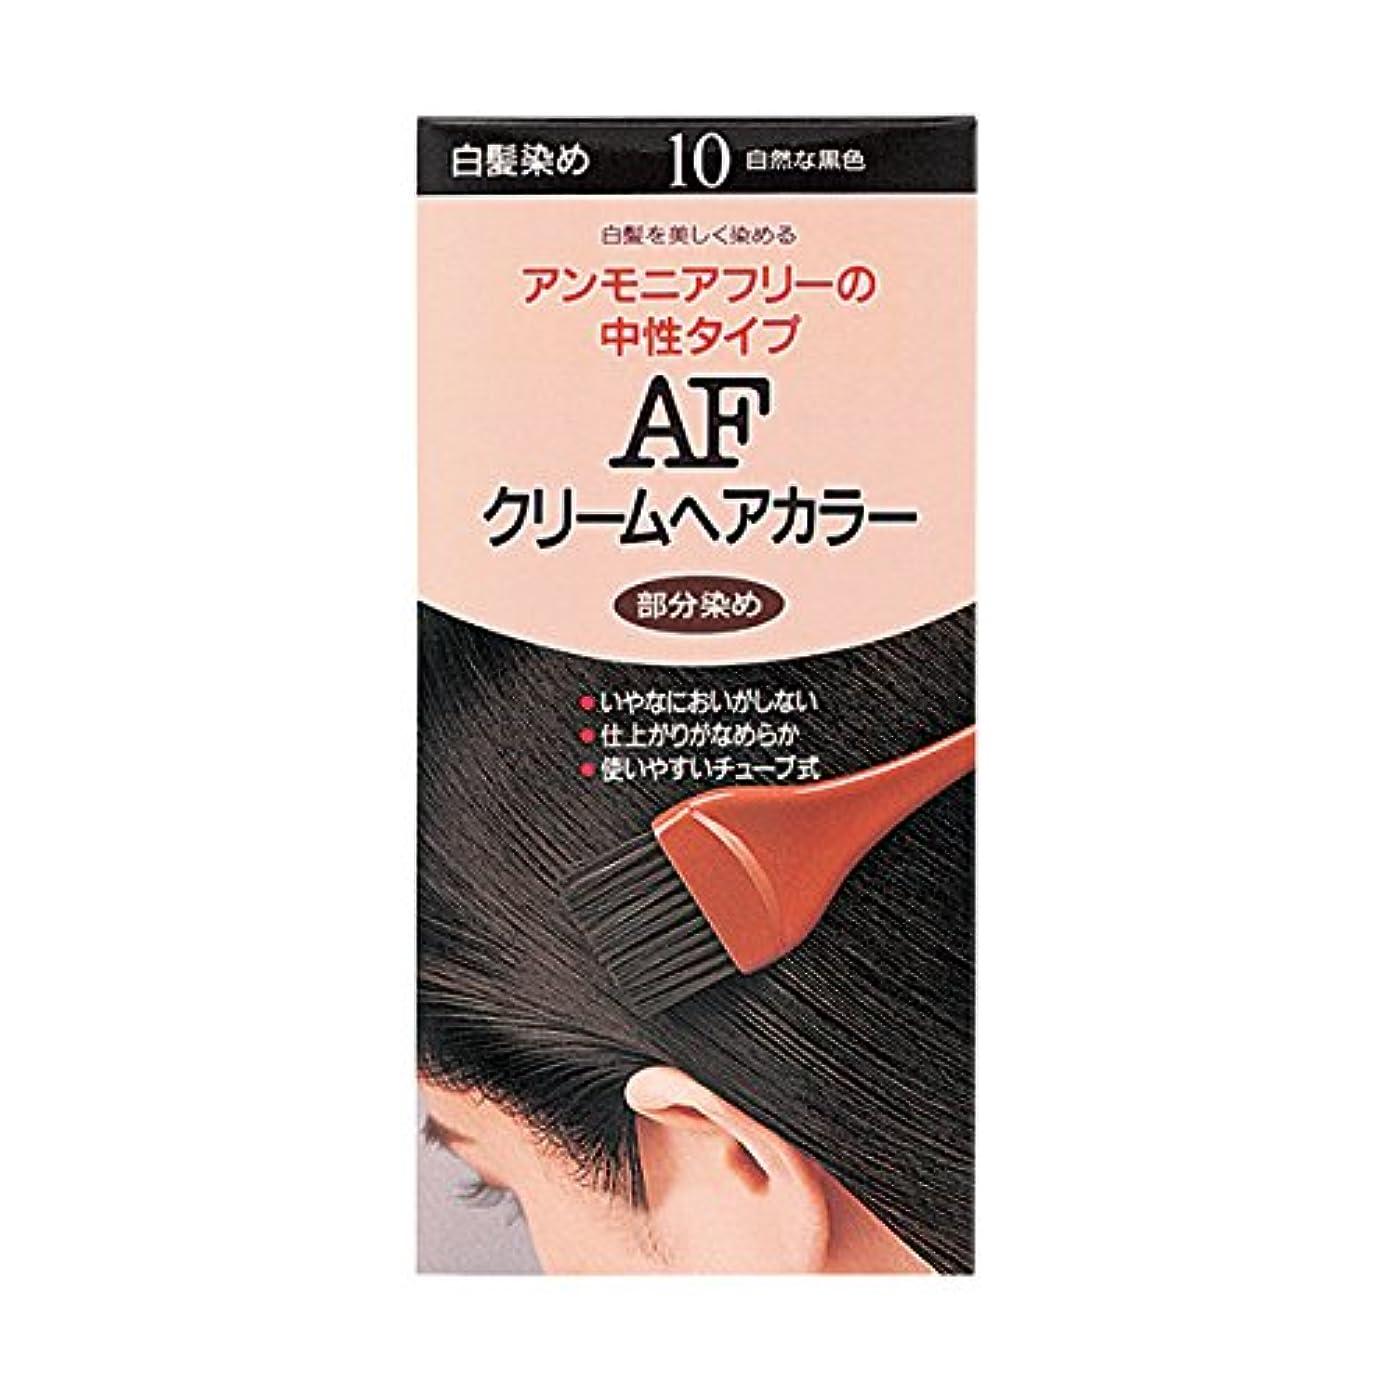 適用済み入植者粒子ヘアカラー AFクリームヘアカラー 10 【医薬部外品】